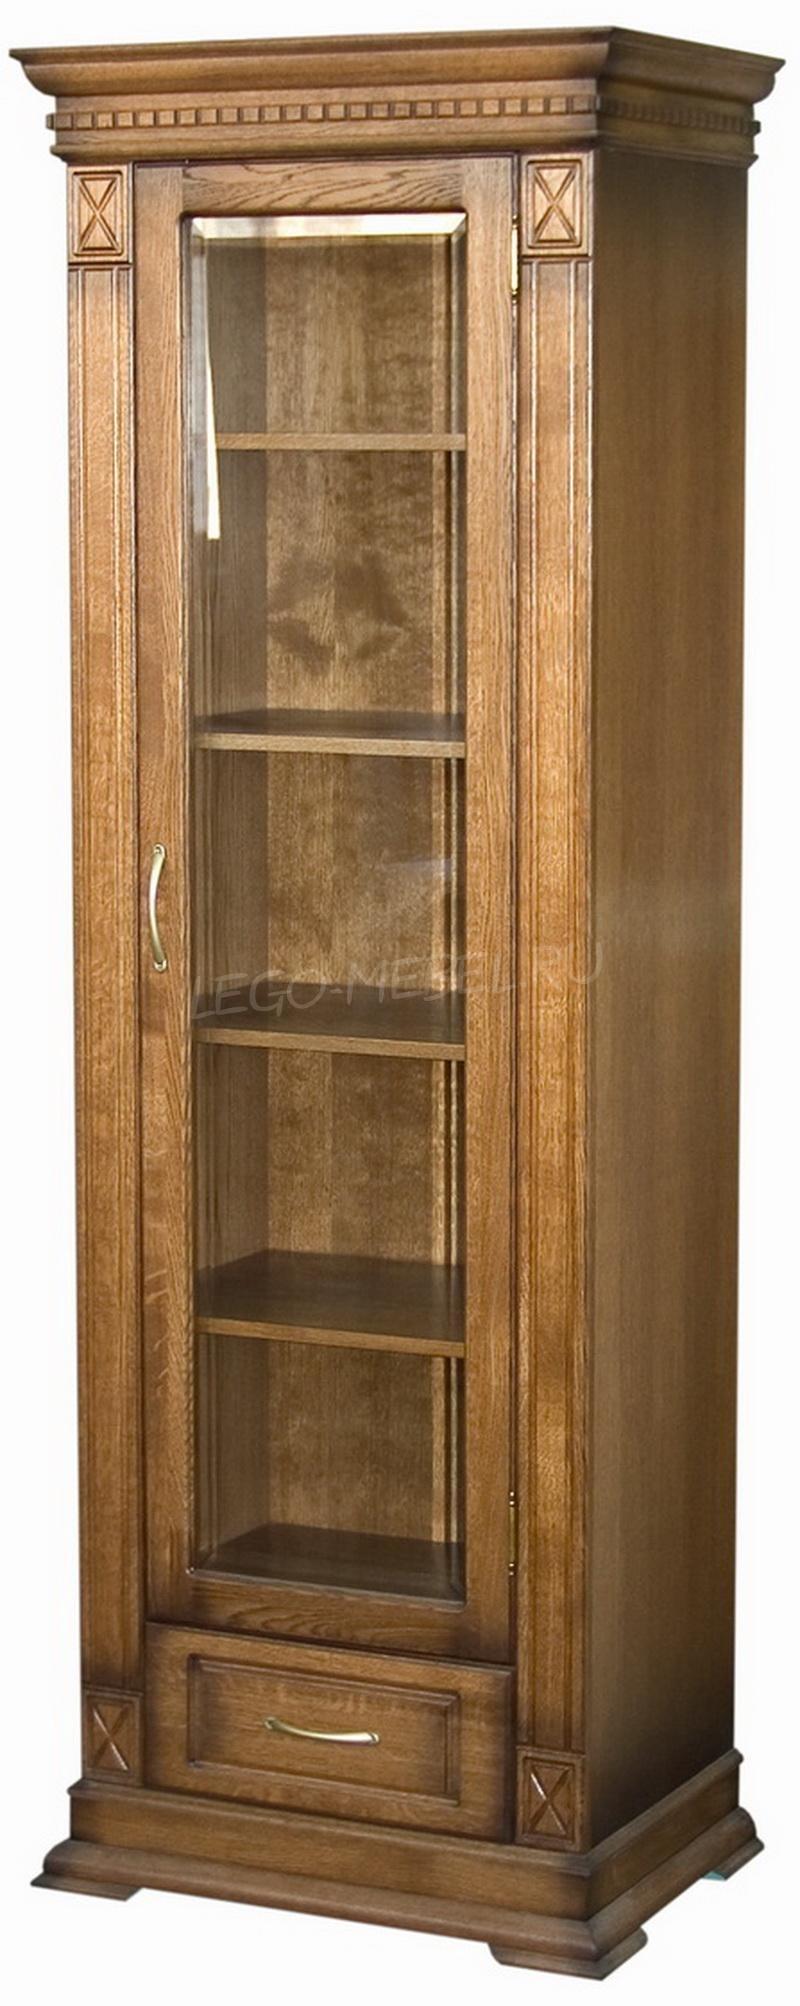 Верди шкаф а1/1 п 1079.26 д8 купить в спб интернет магазин л.